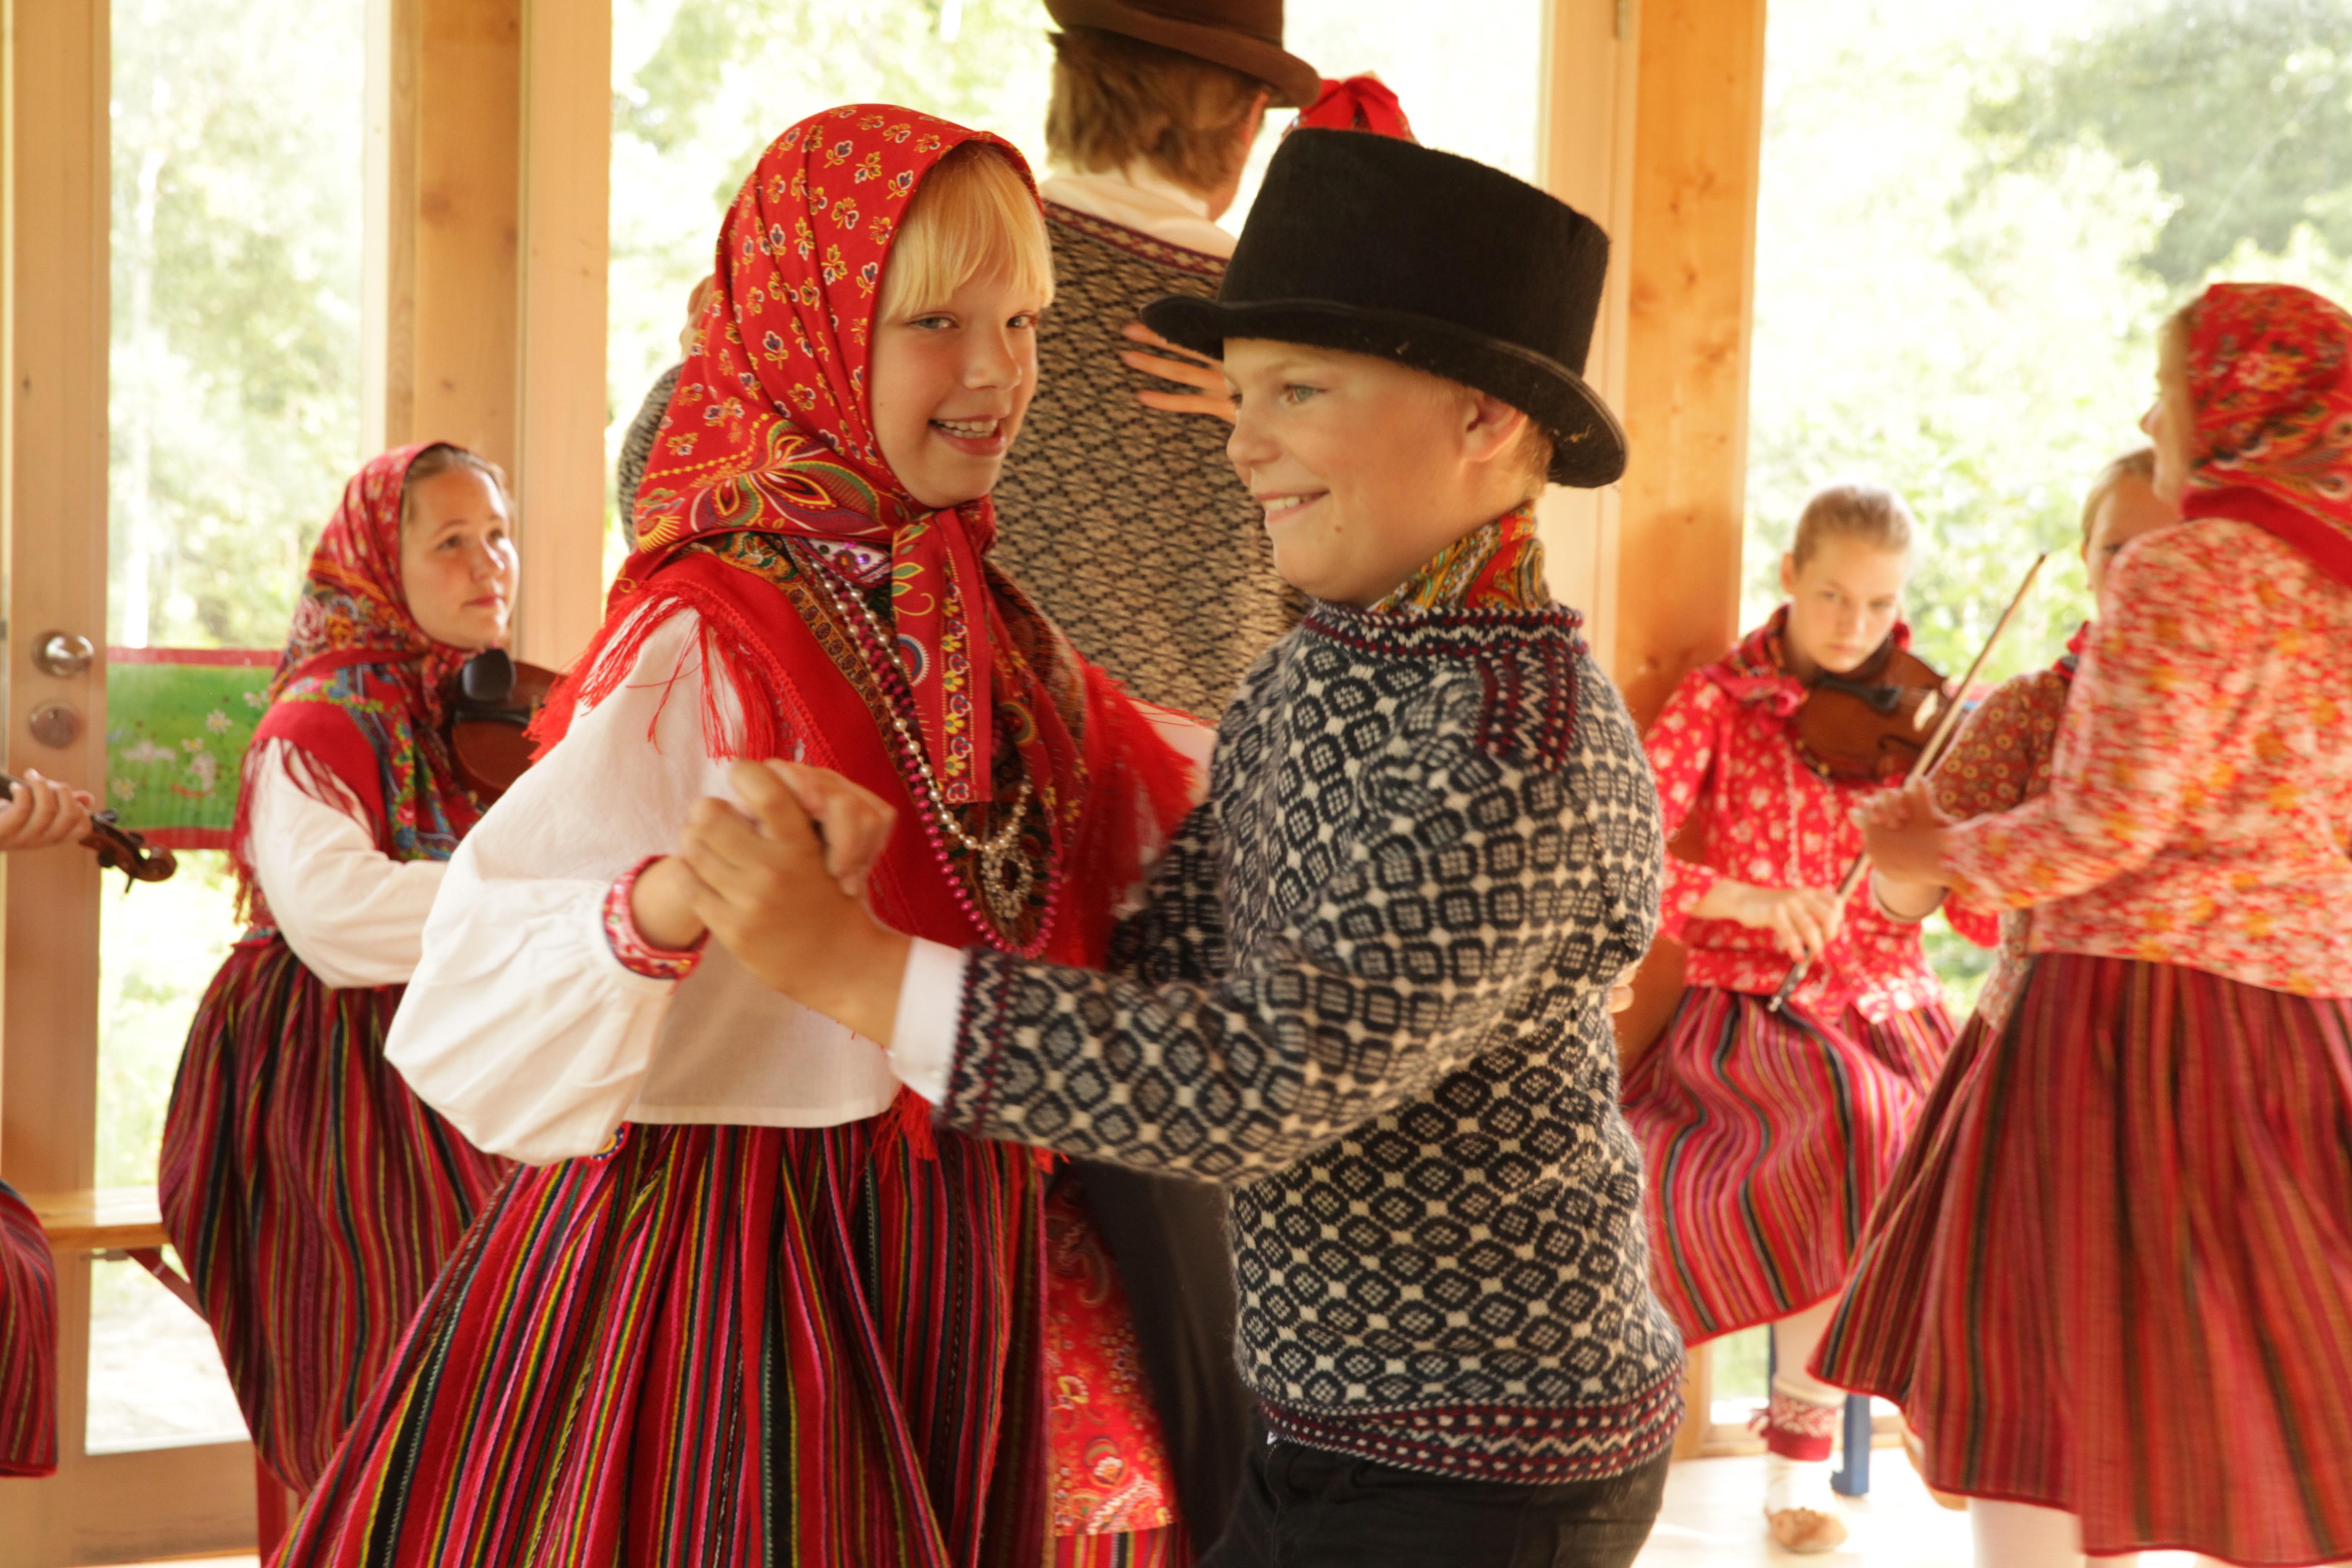 Foto by Guide Mare Mätas Kyhnö, Estonia